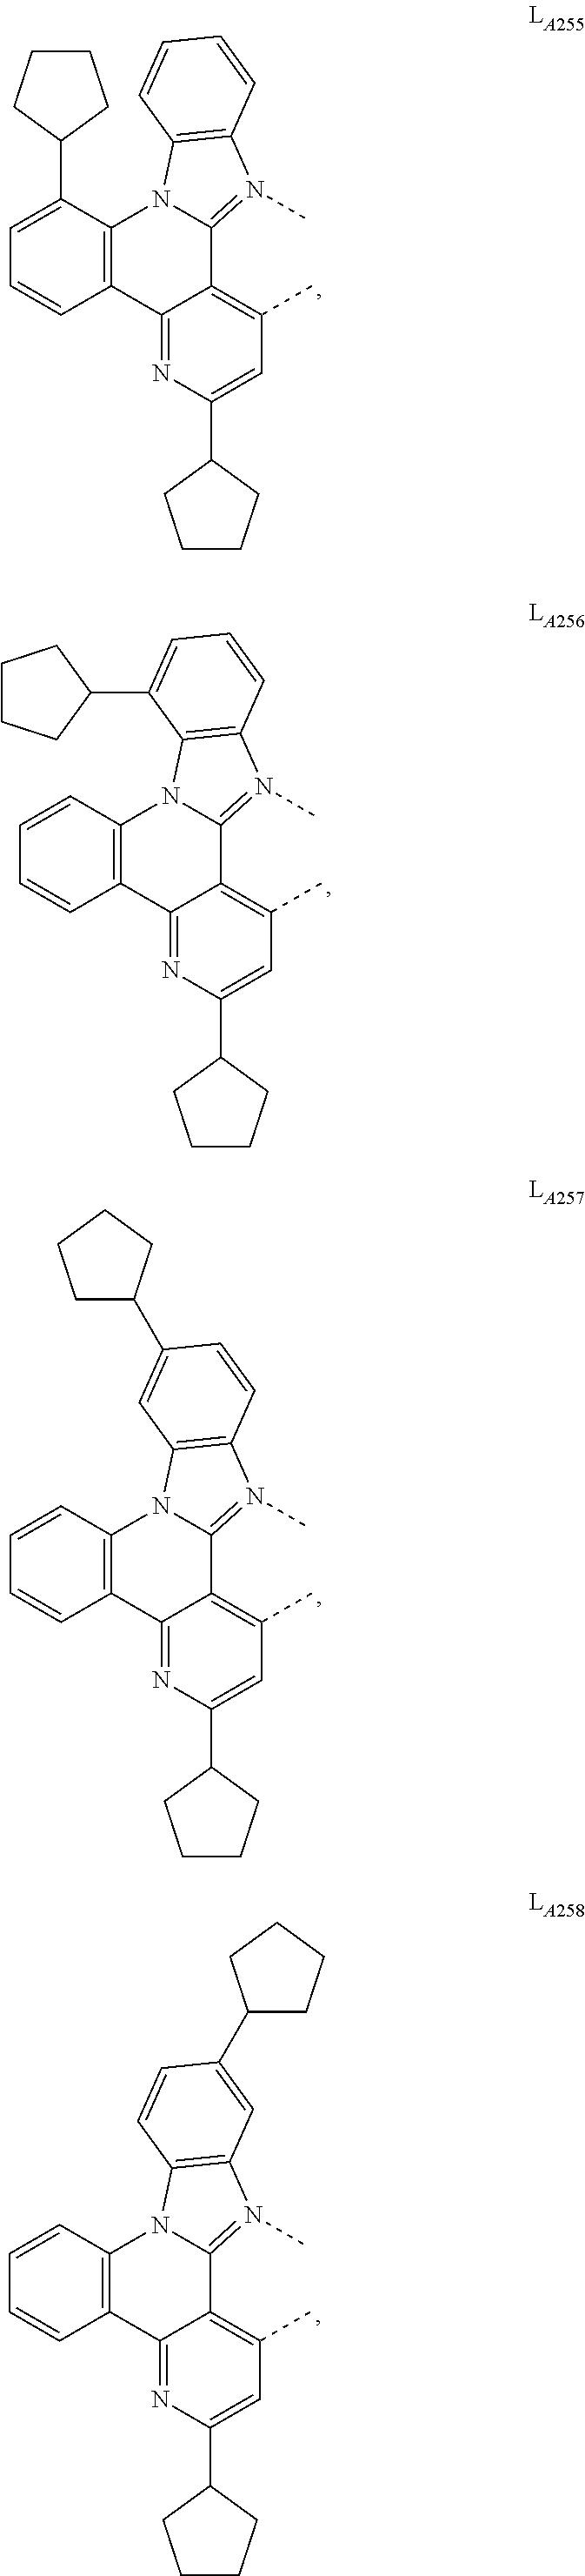 Figure US09905785-20180227-C00479